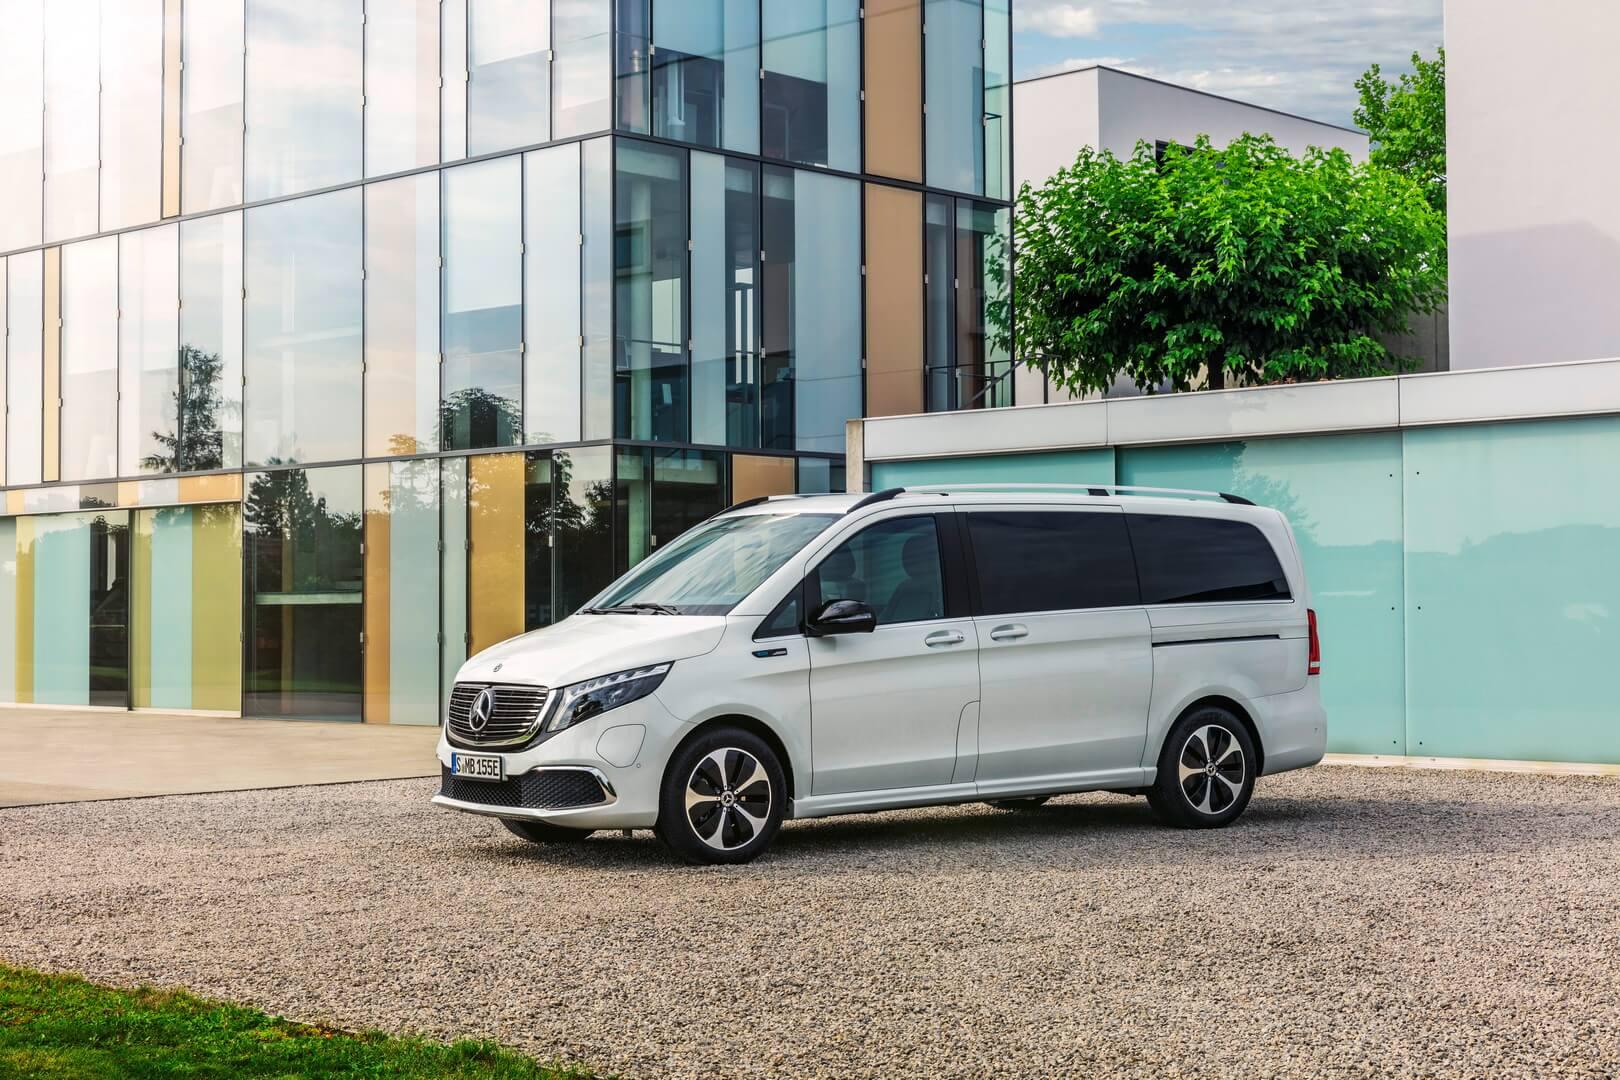 Mercedes-Benz презентовал премиальный электрофургон EQV с батареей на 100 кВт⋅ч и запасом хода 405 км